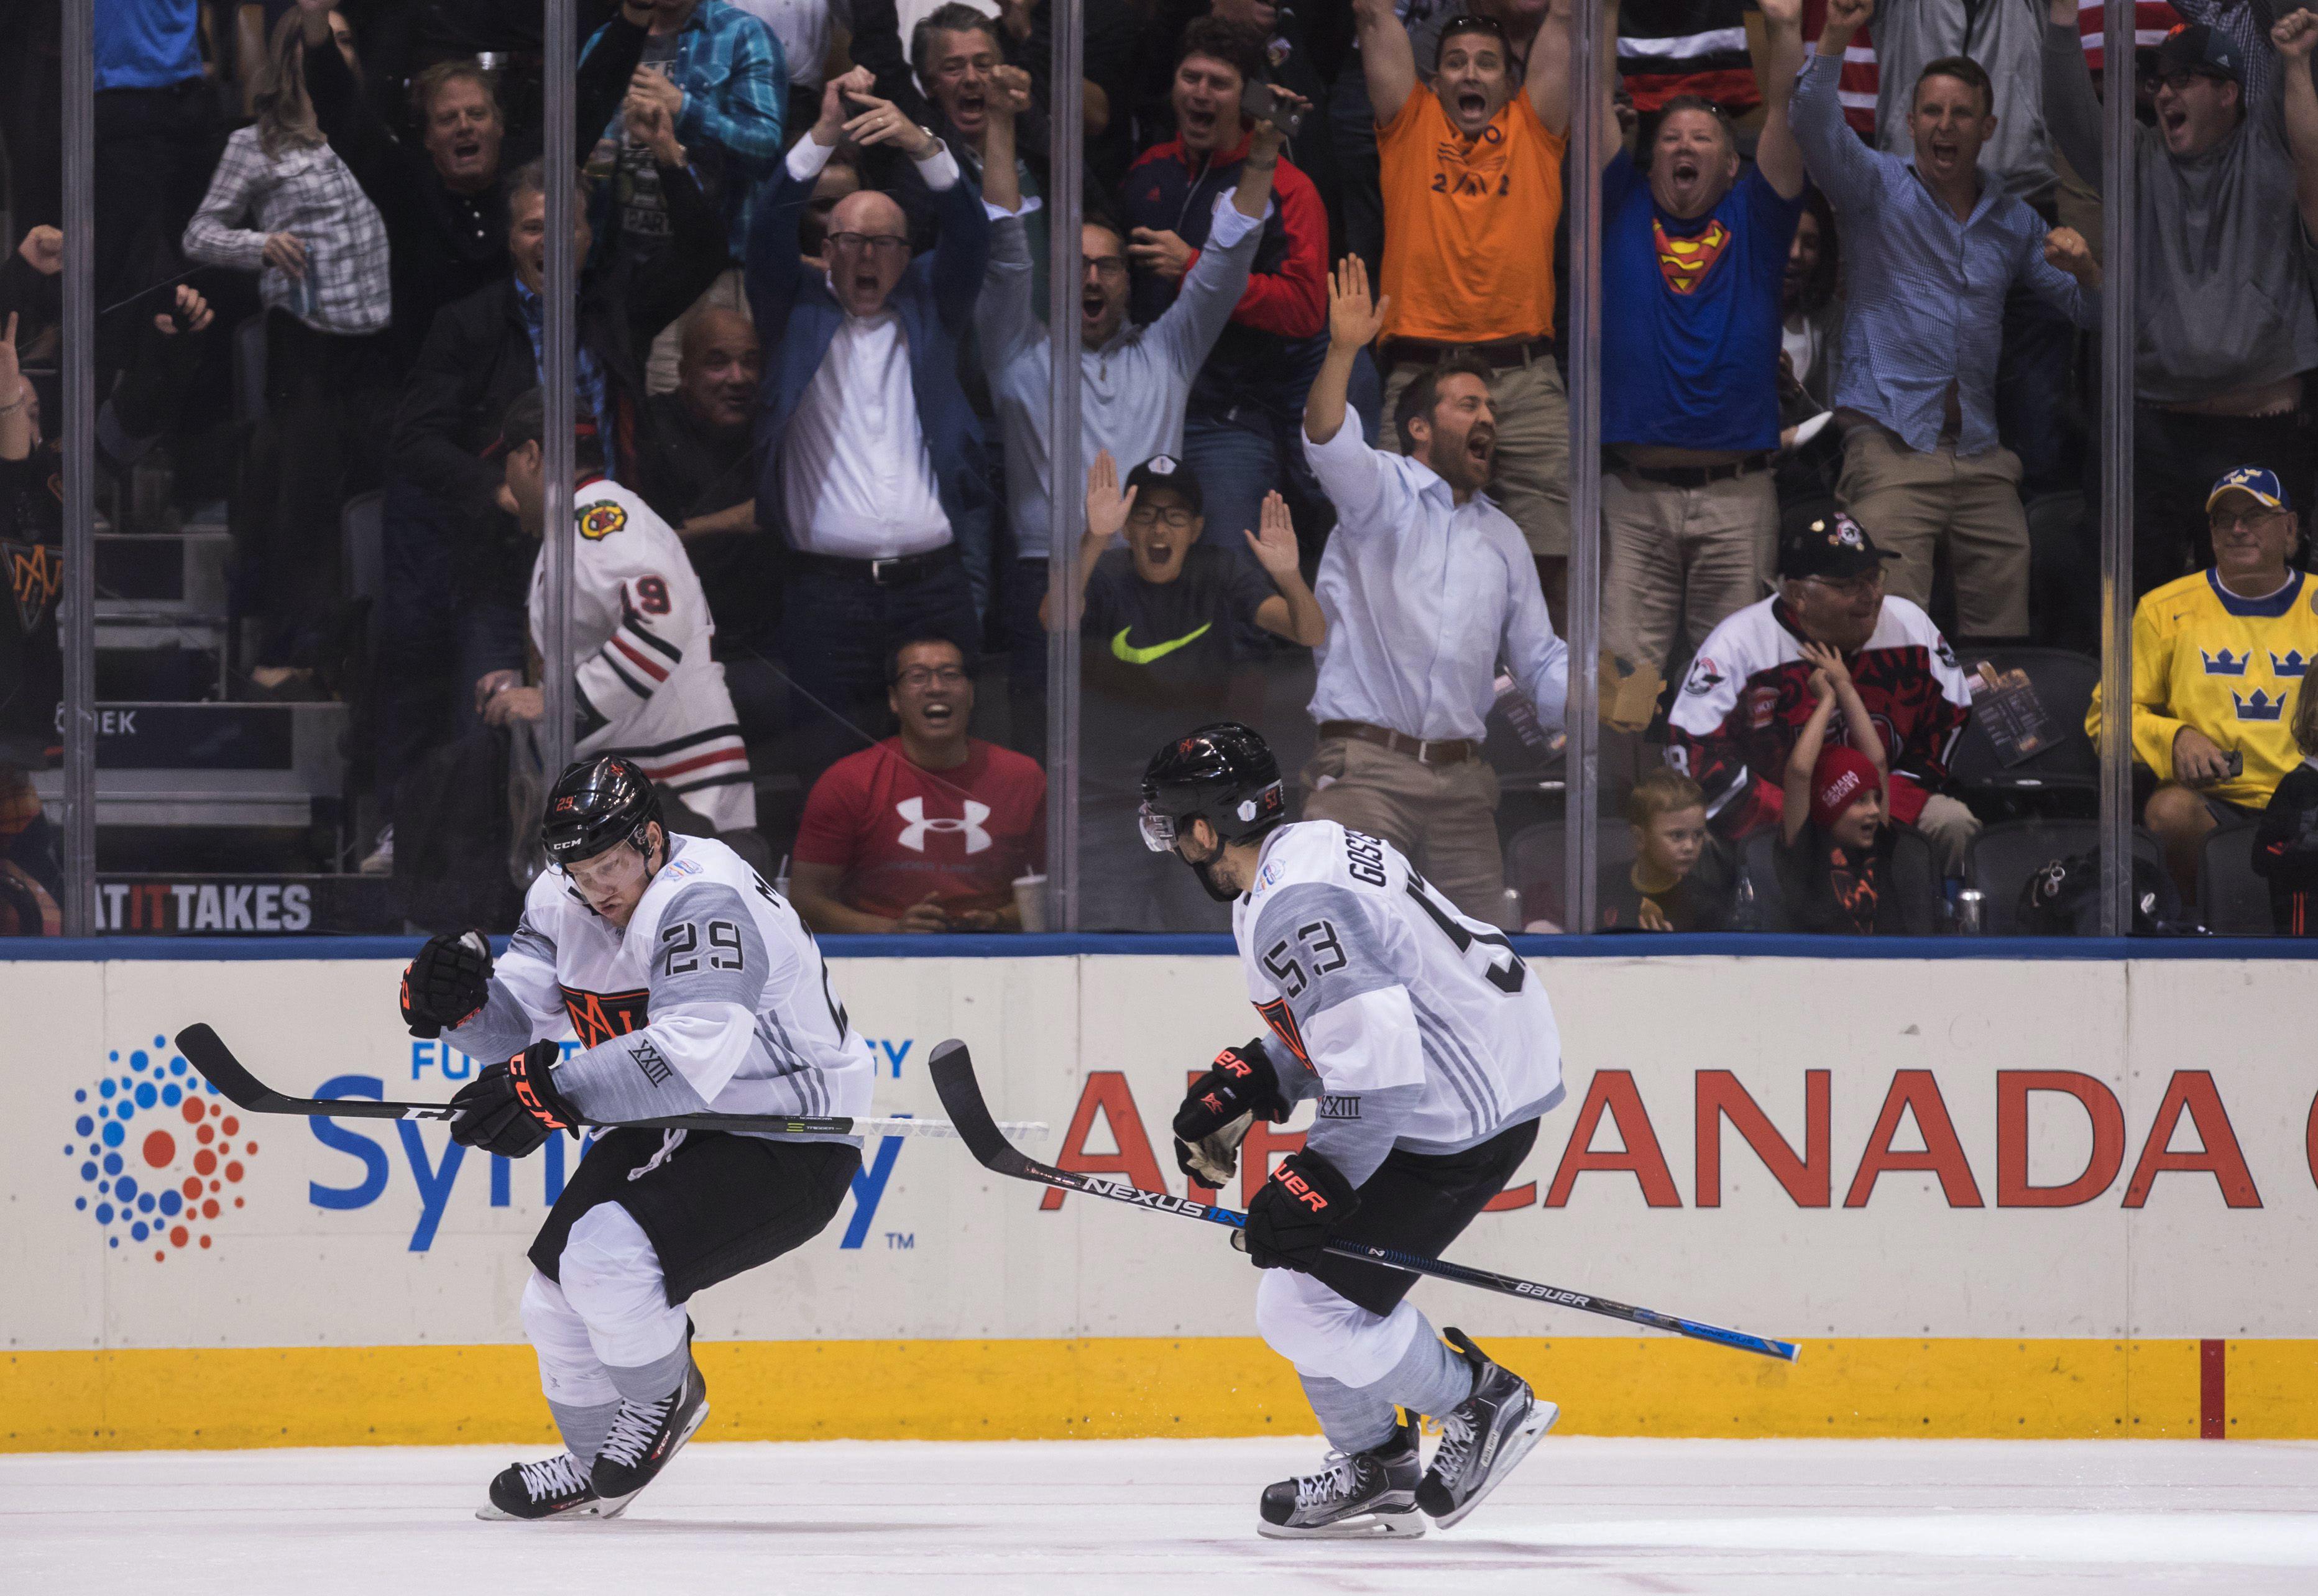 World_cup_north_america_sweden_hockey.jpeg-0b9ae